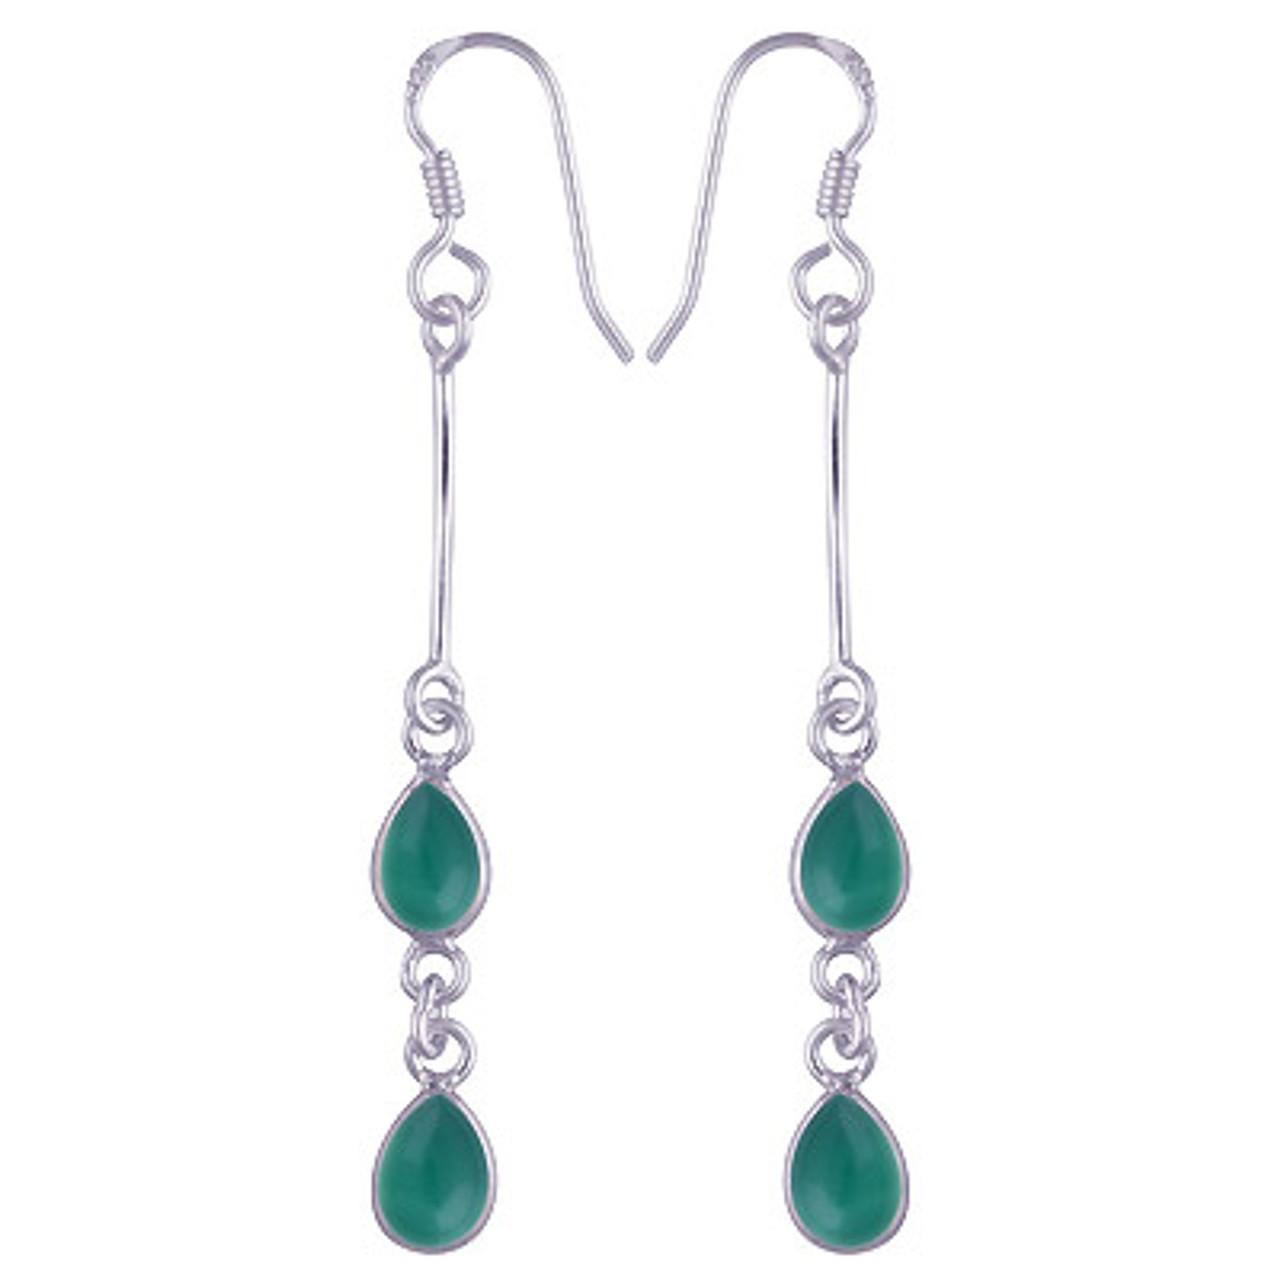 Gemstone Droplets Dangle Earrings